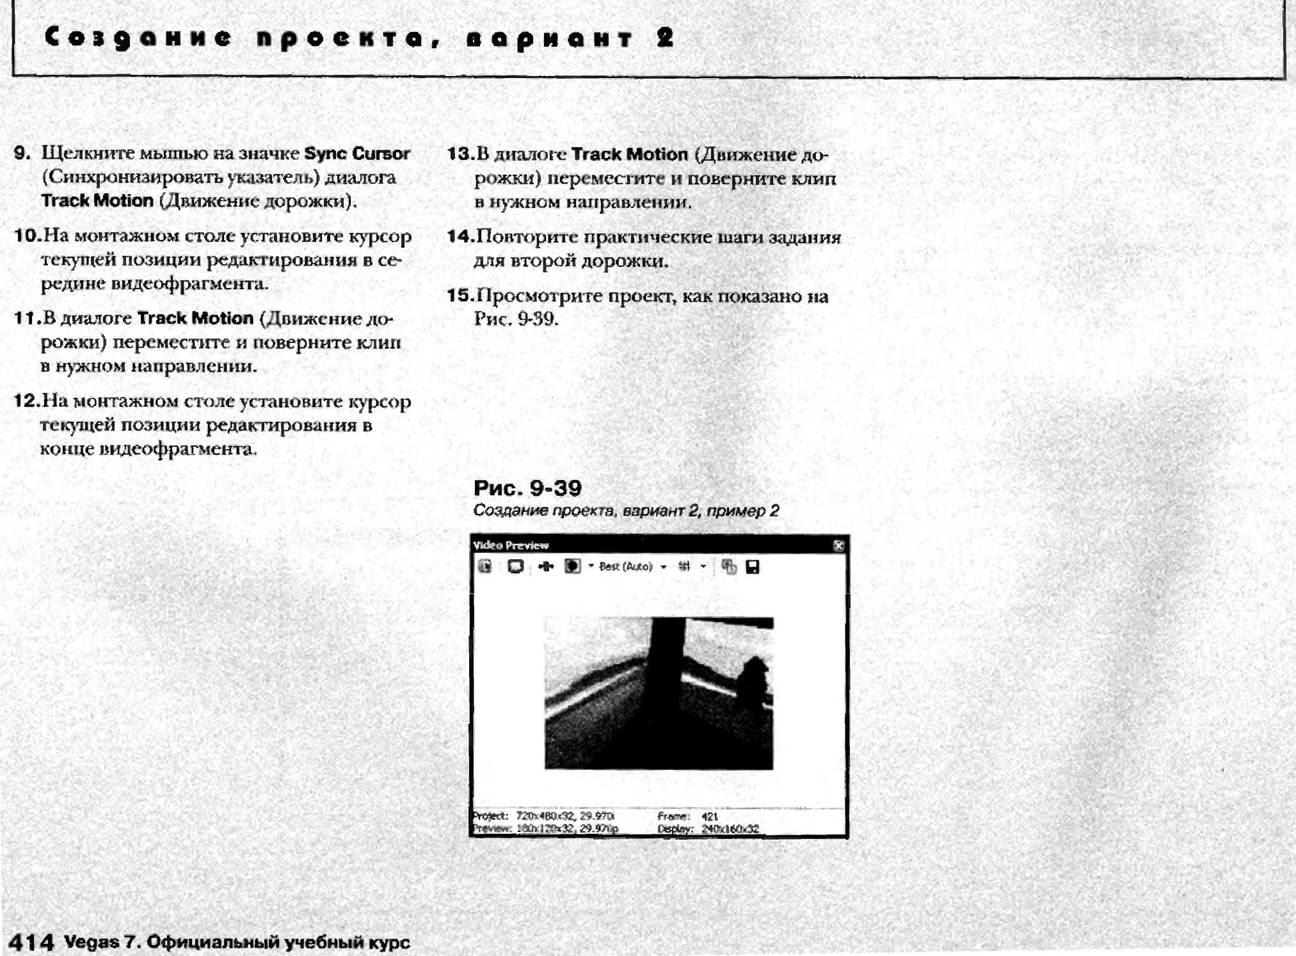 http://redaktori-uroki.3dn.ru/_ph/12/871373901.jpg